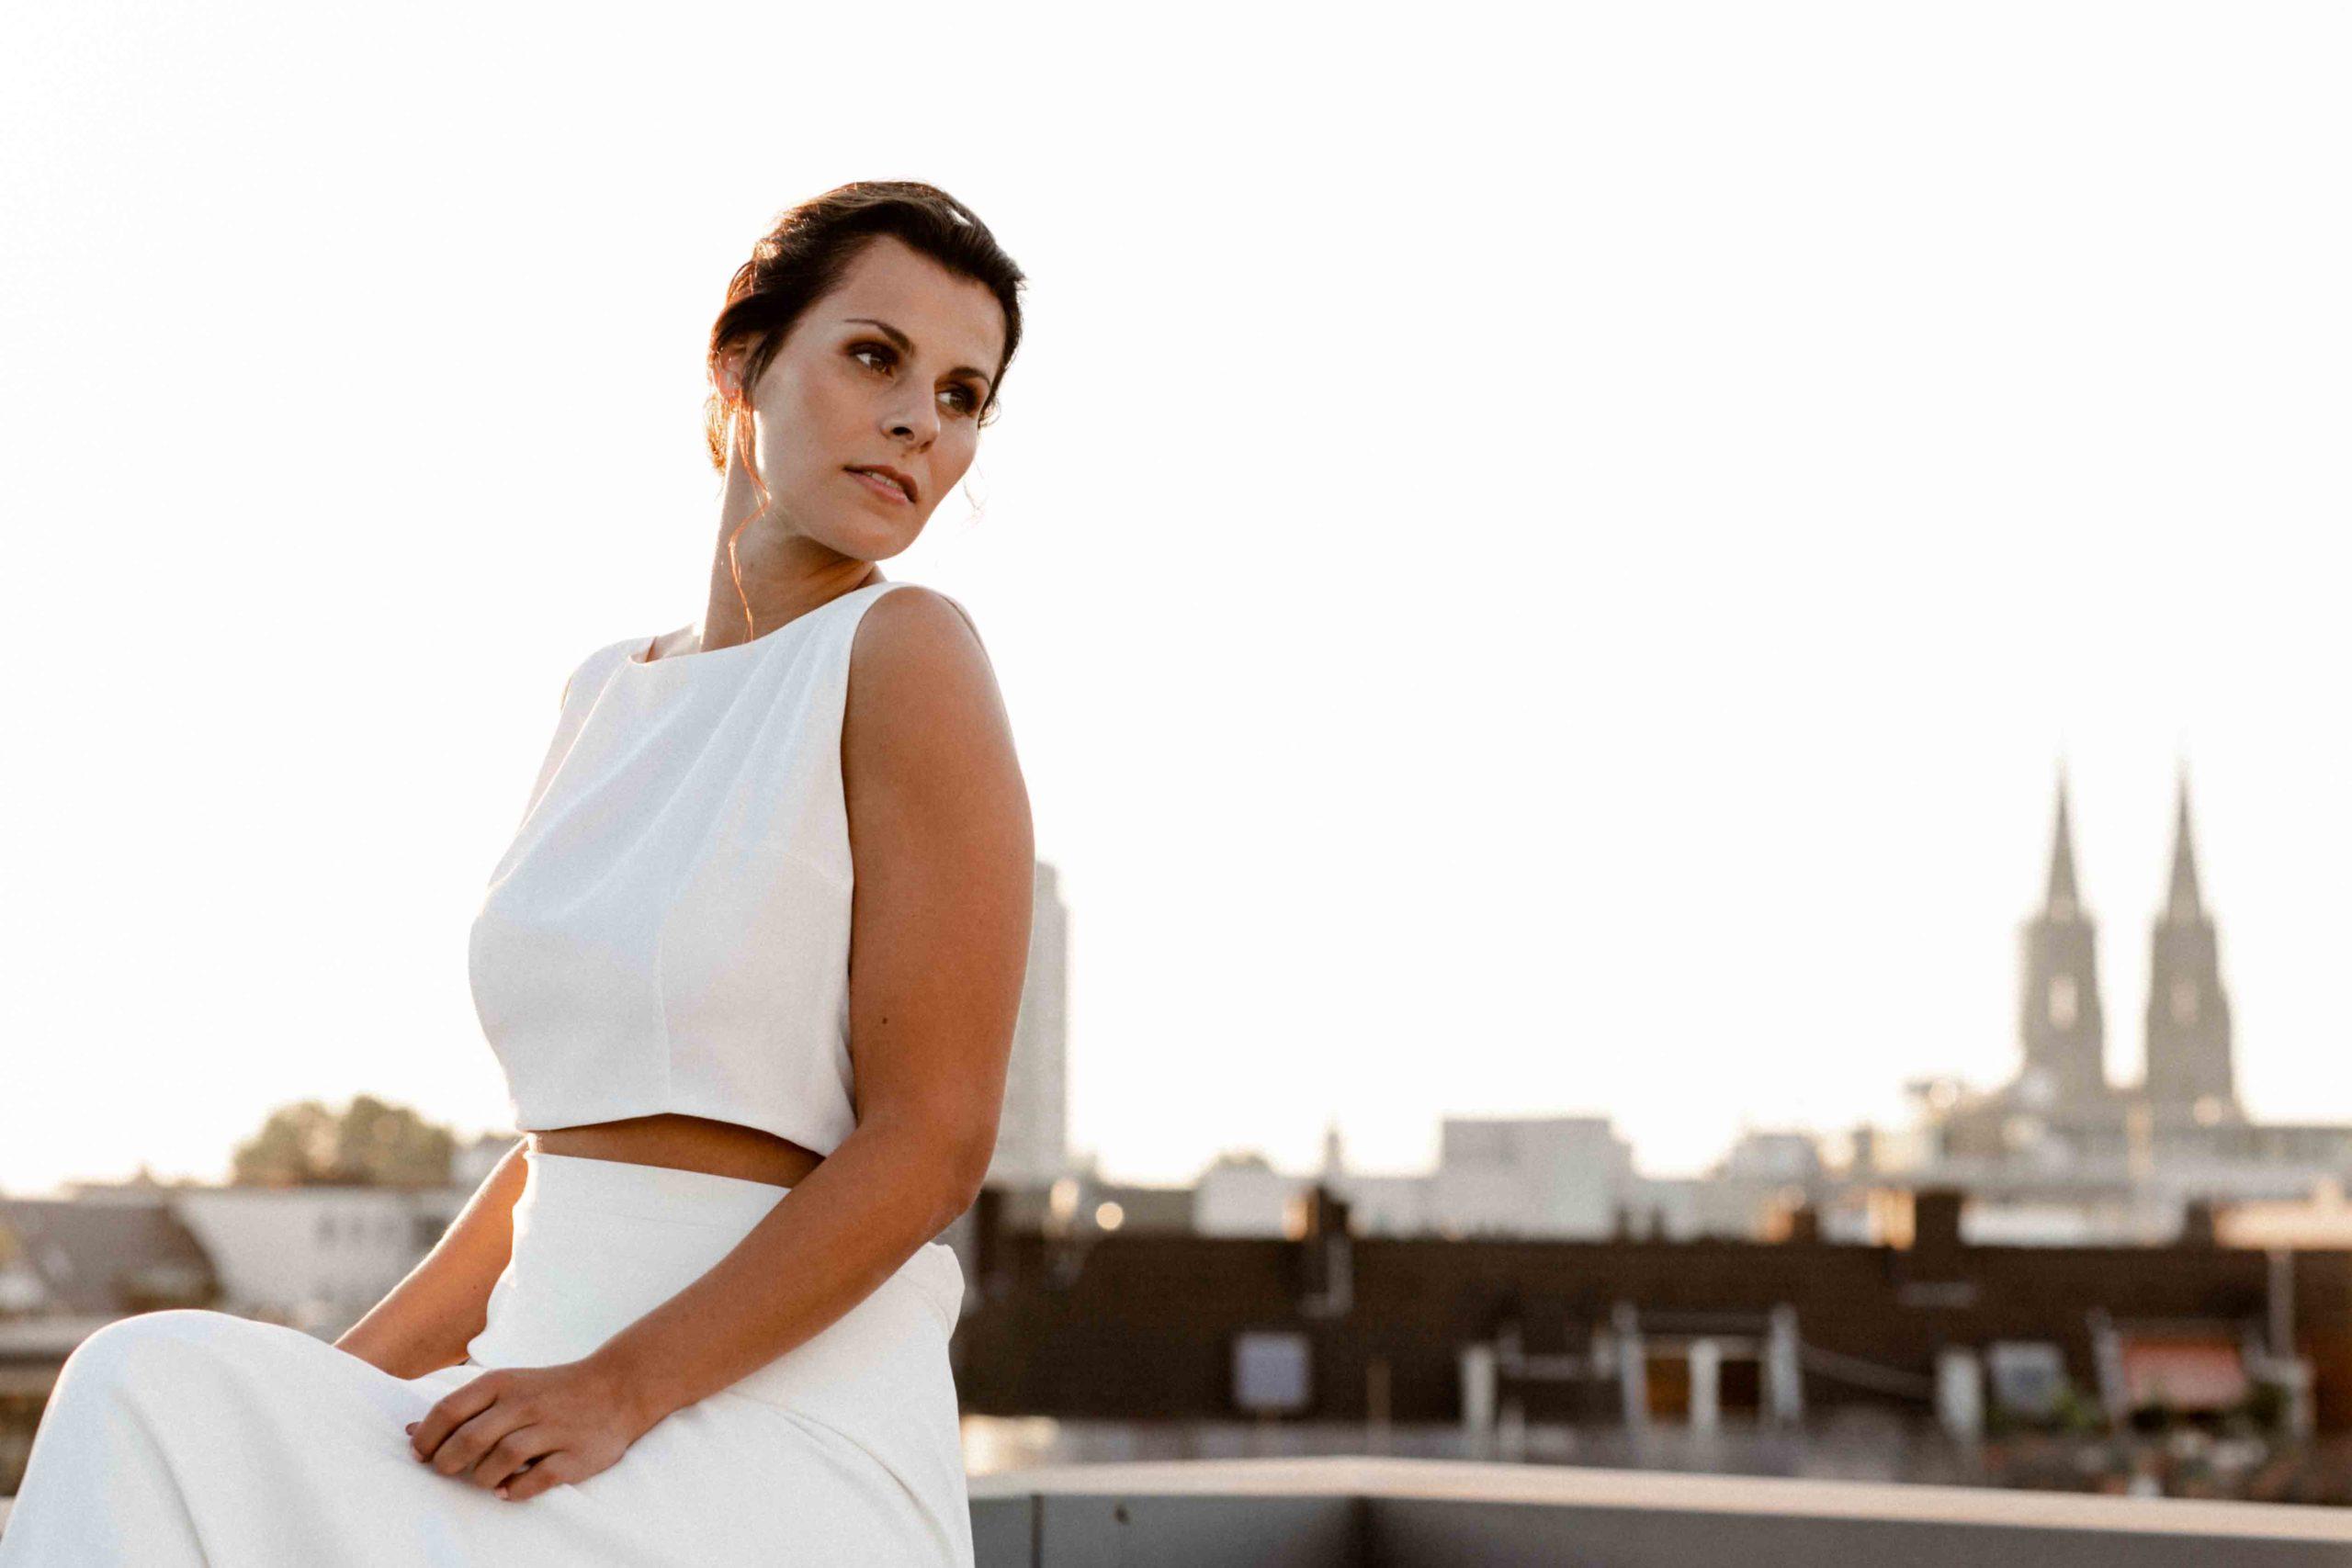 Styled Shoot Brautmode, Model in weißem Hochzeitskleid auf Hochhausterrasse